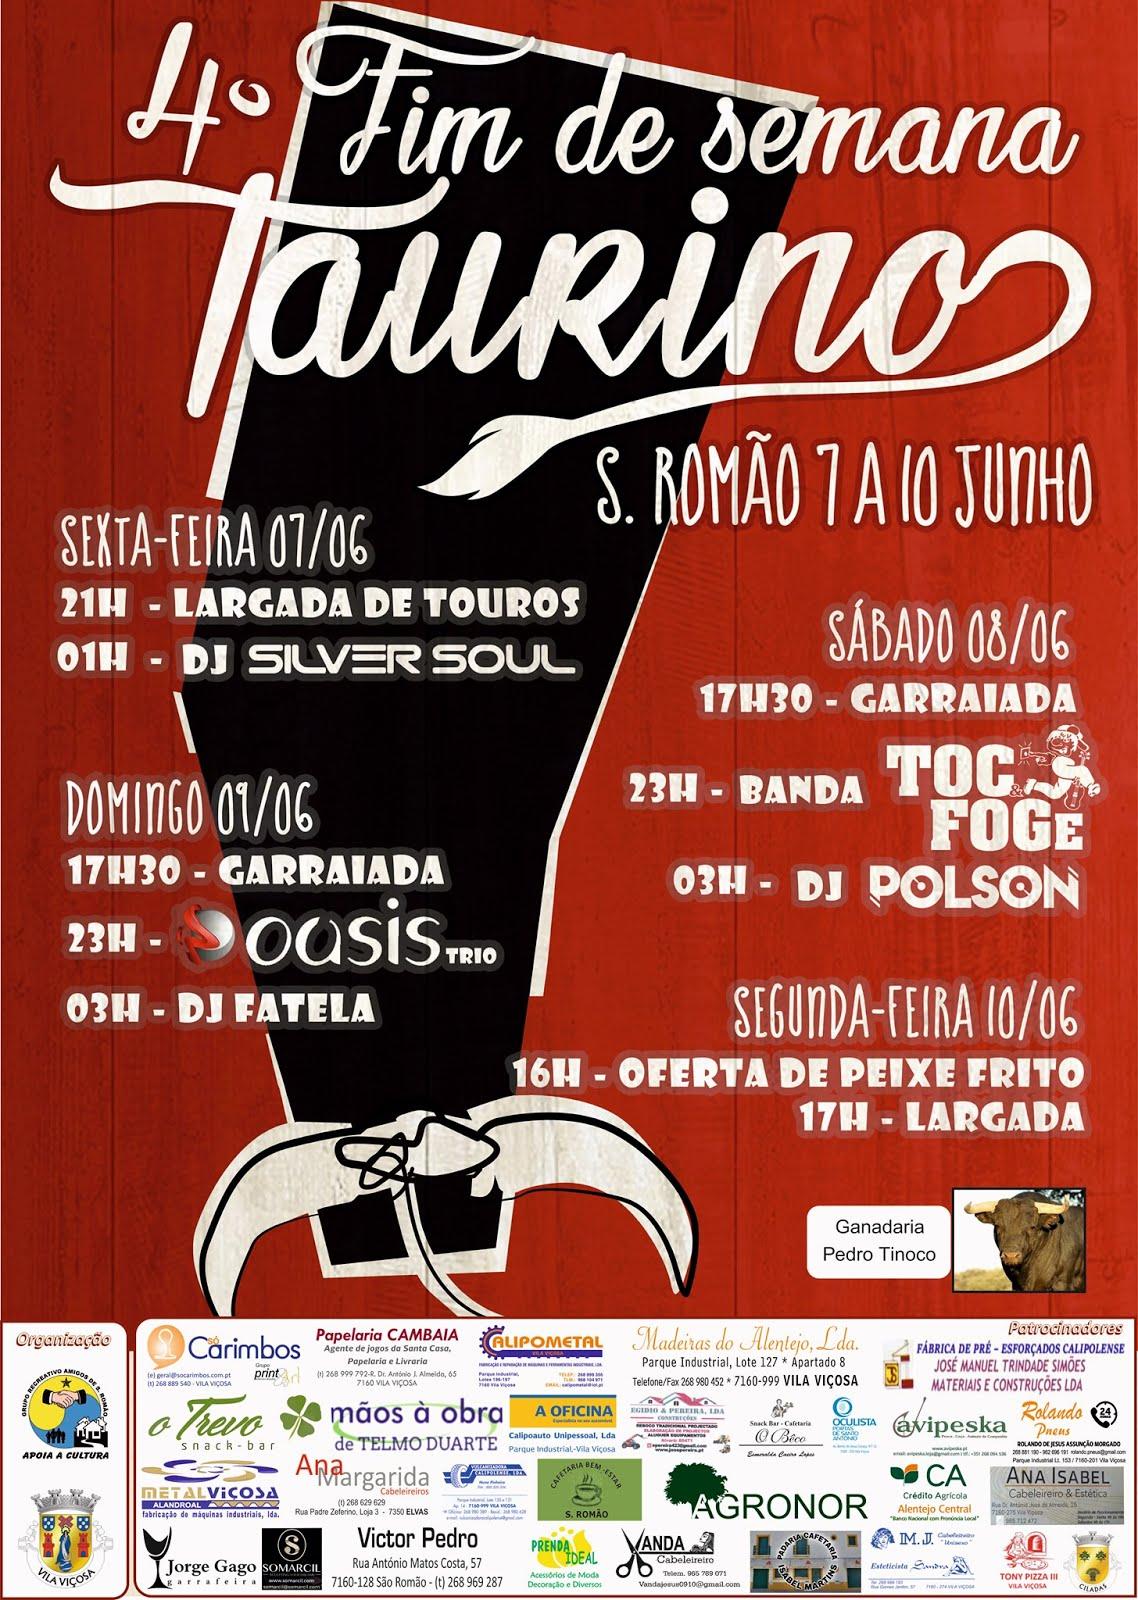 4º FIM DE SEMANA TAURINO - 07 A 10 DE JUNHO - SÃO ROMÃO.